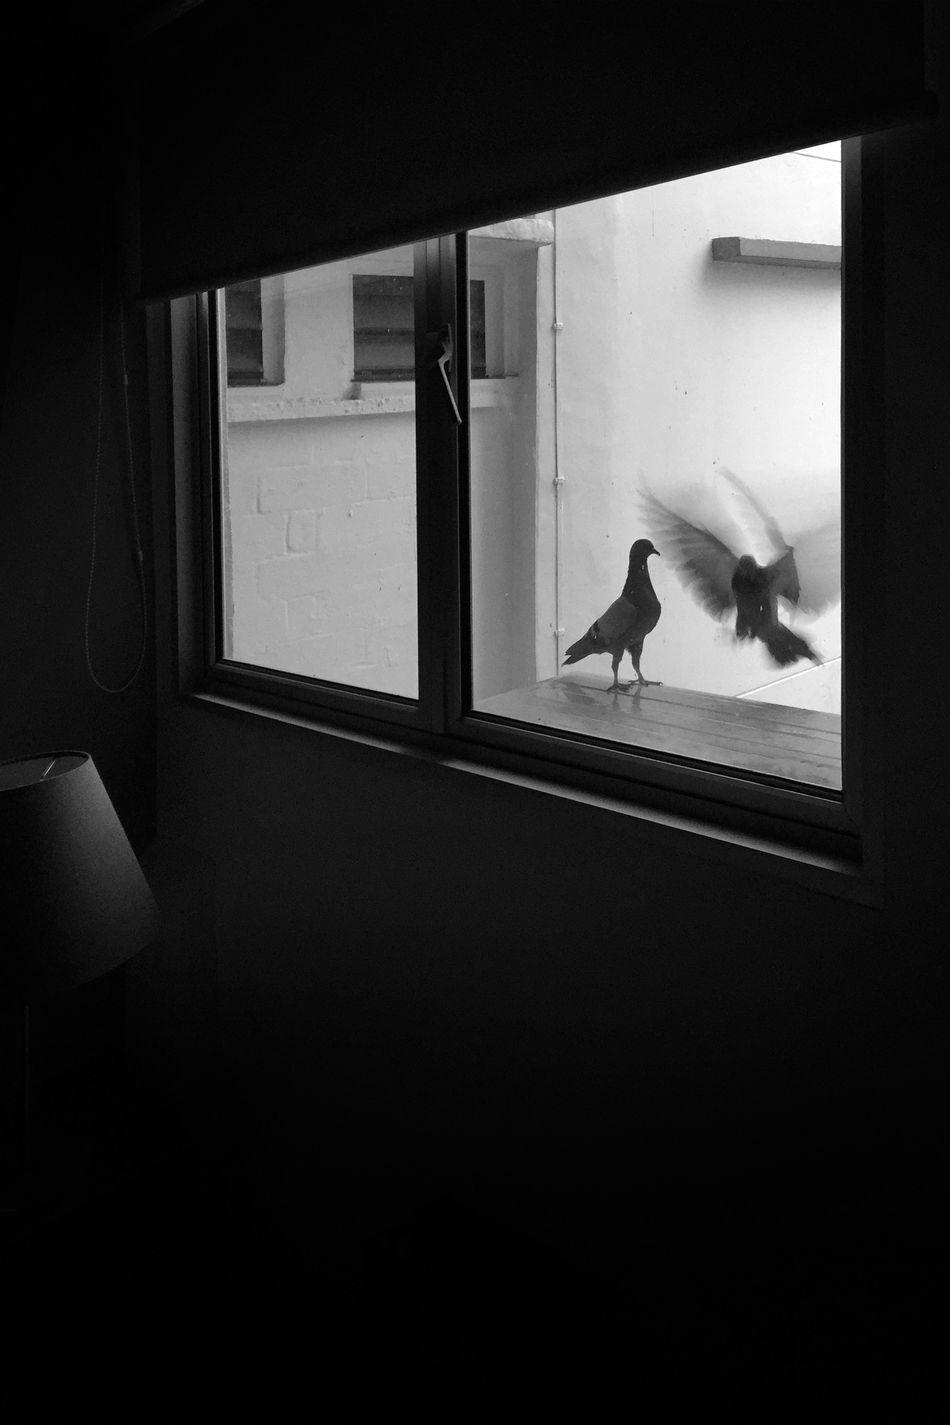 Bird Day Flying Bird Indoors  Landing Pigeon Pigeonslife Room View View From The Window... Window